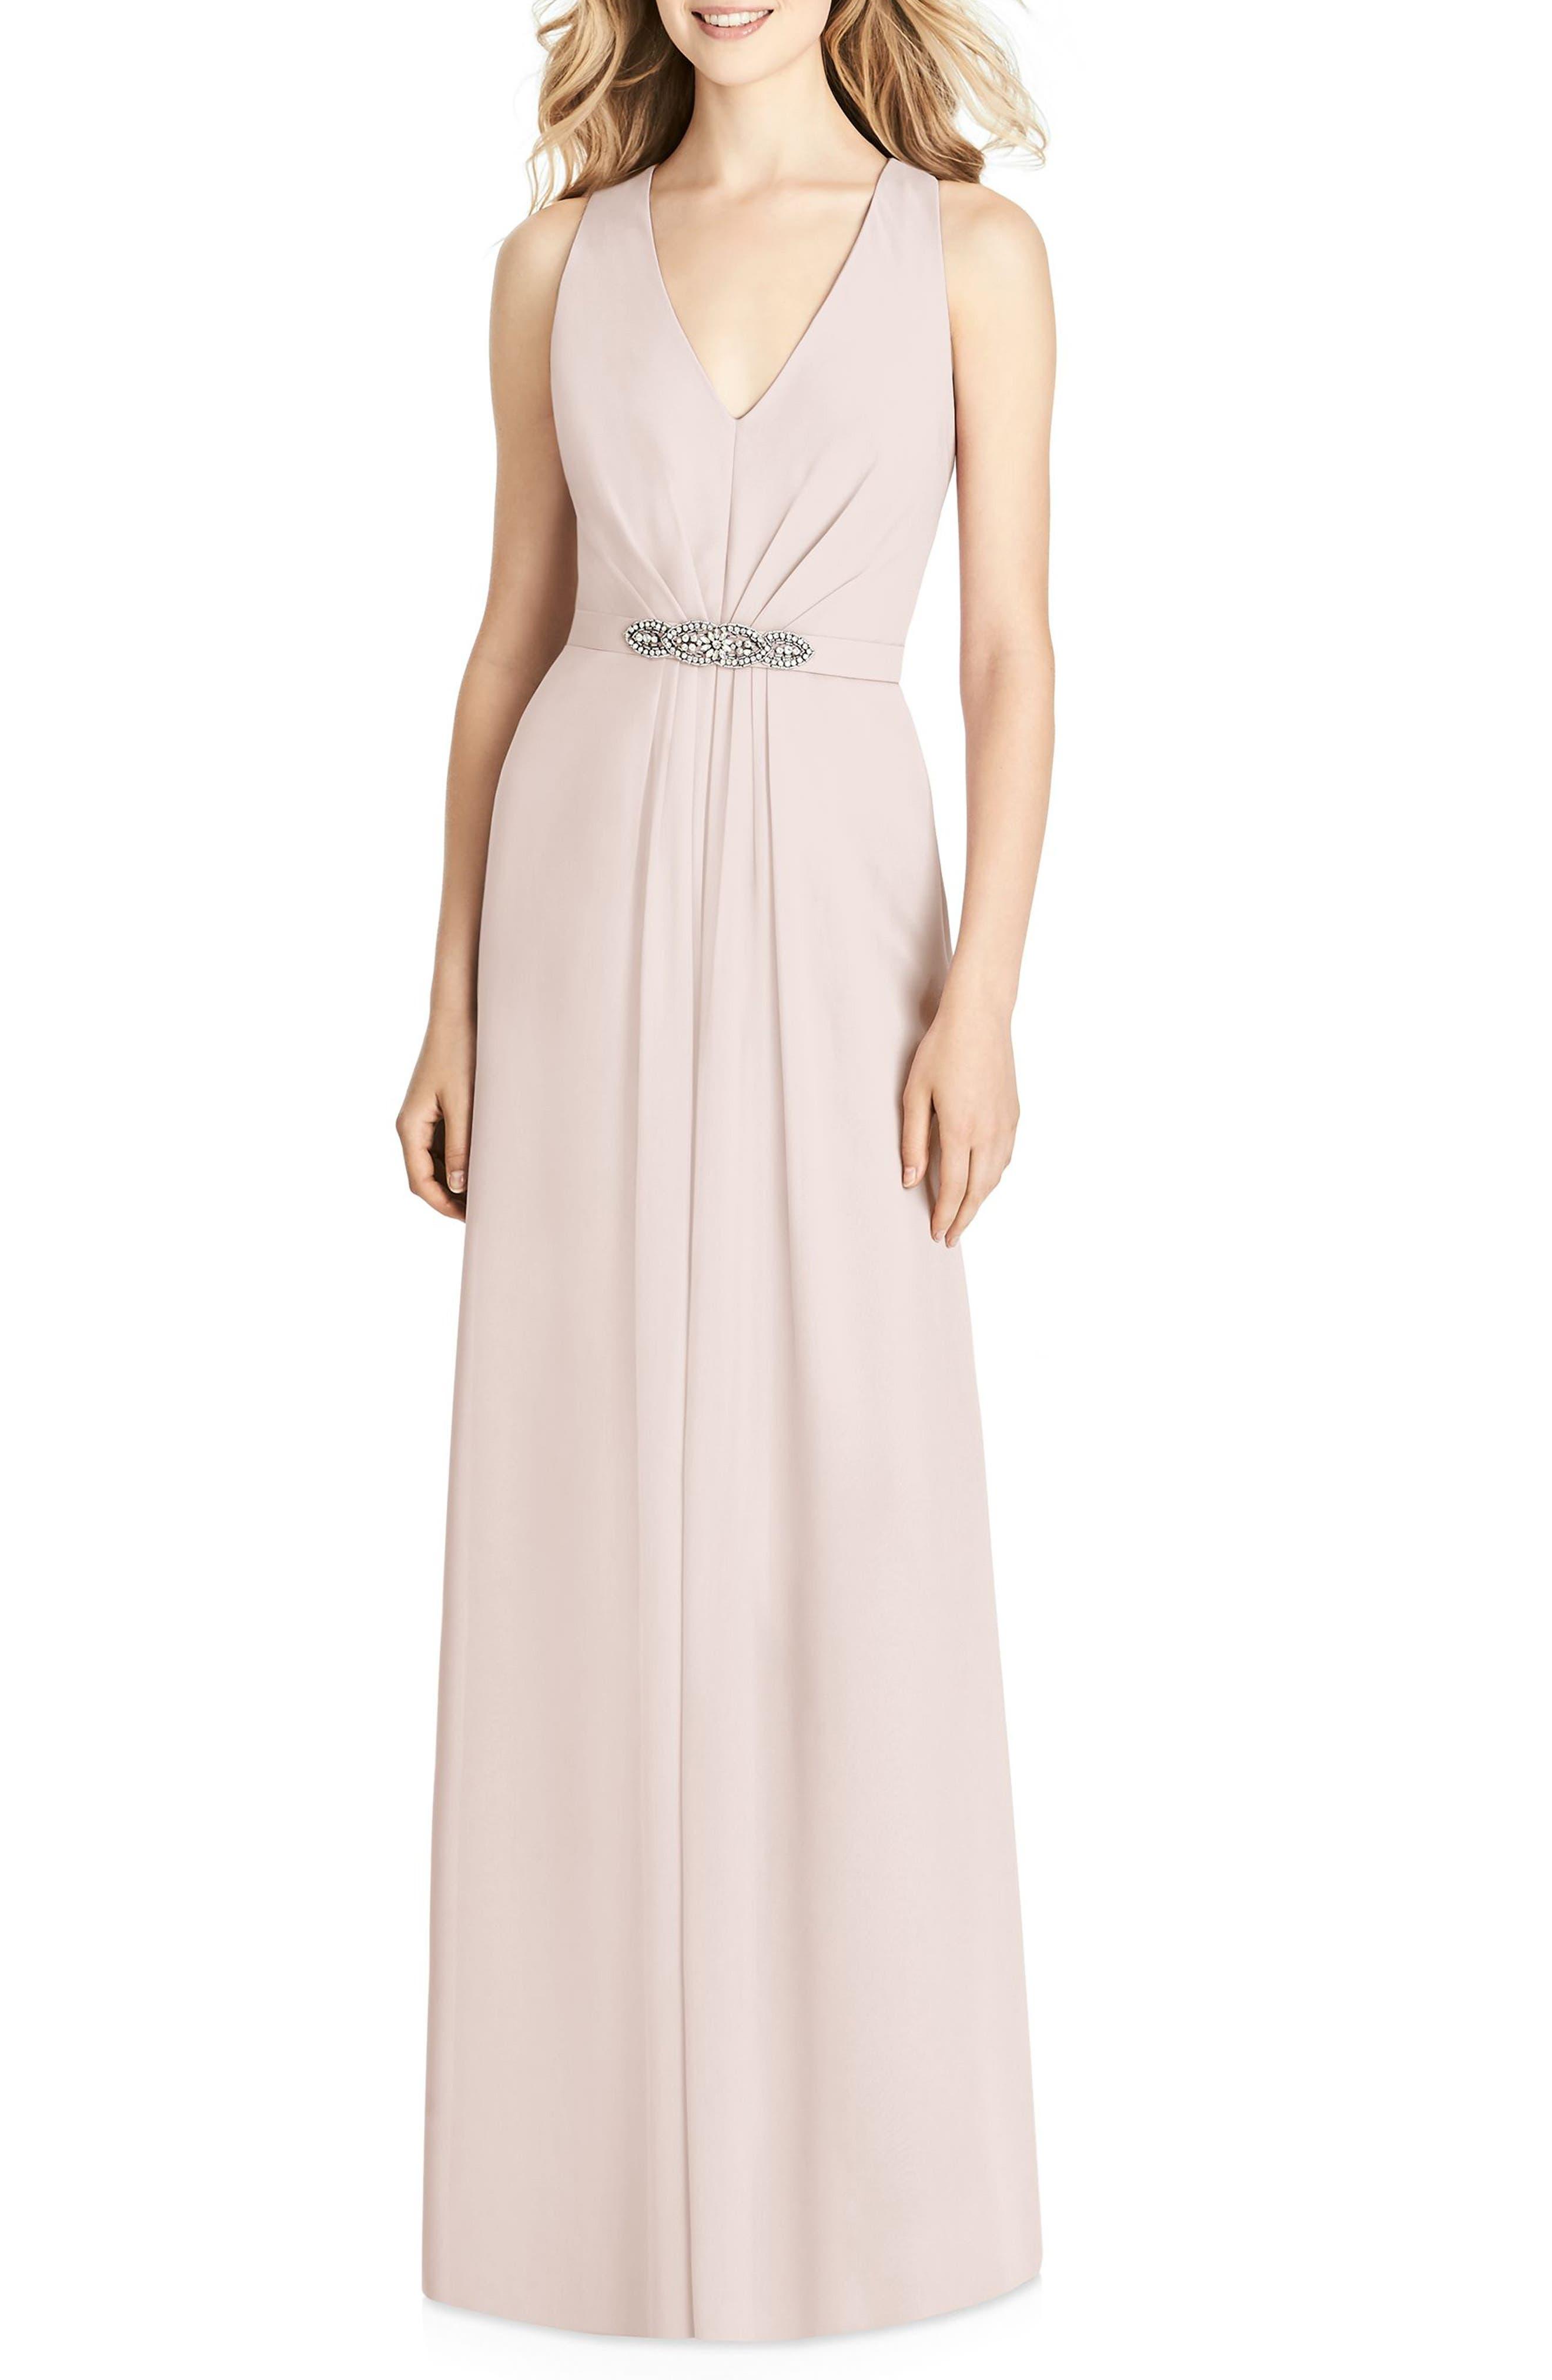 Jenny Packham Jewel Belt Chiffon Gown, Pink